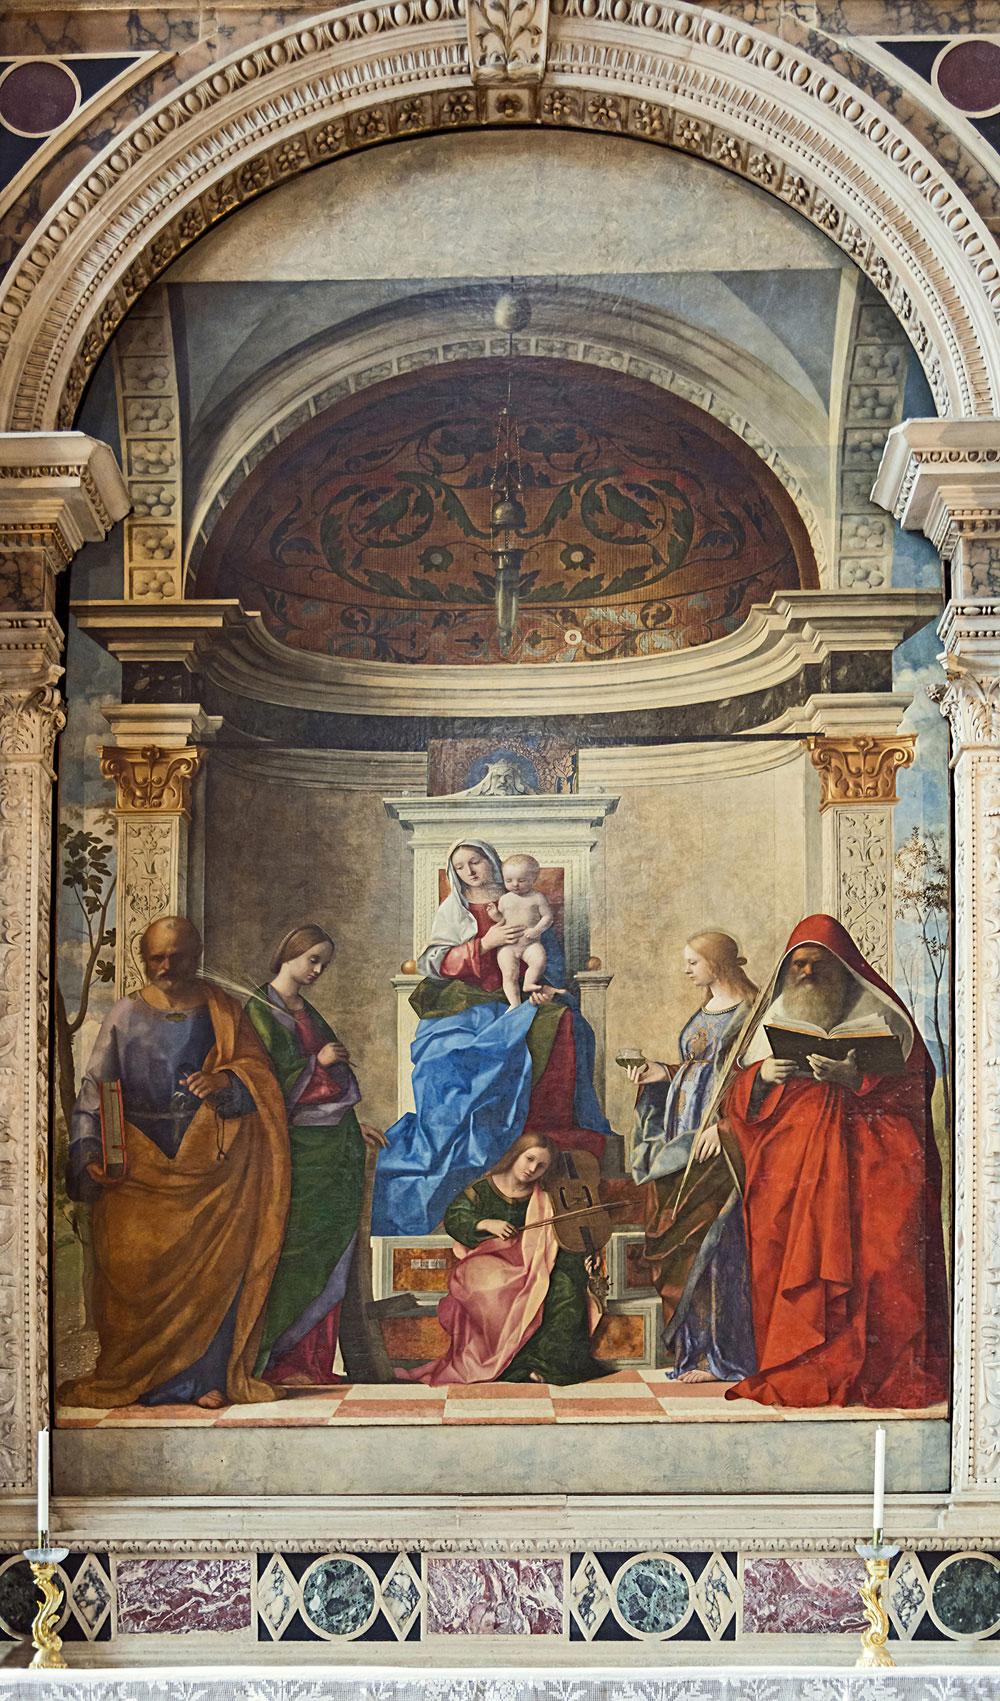 San Zaccaria Altarpiece by Giovanni Bellini